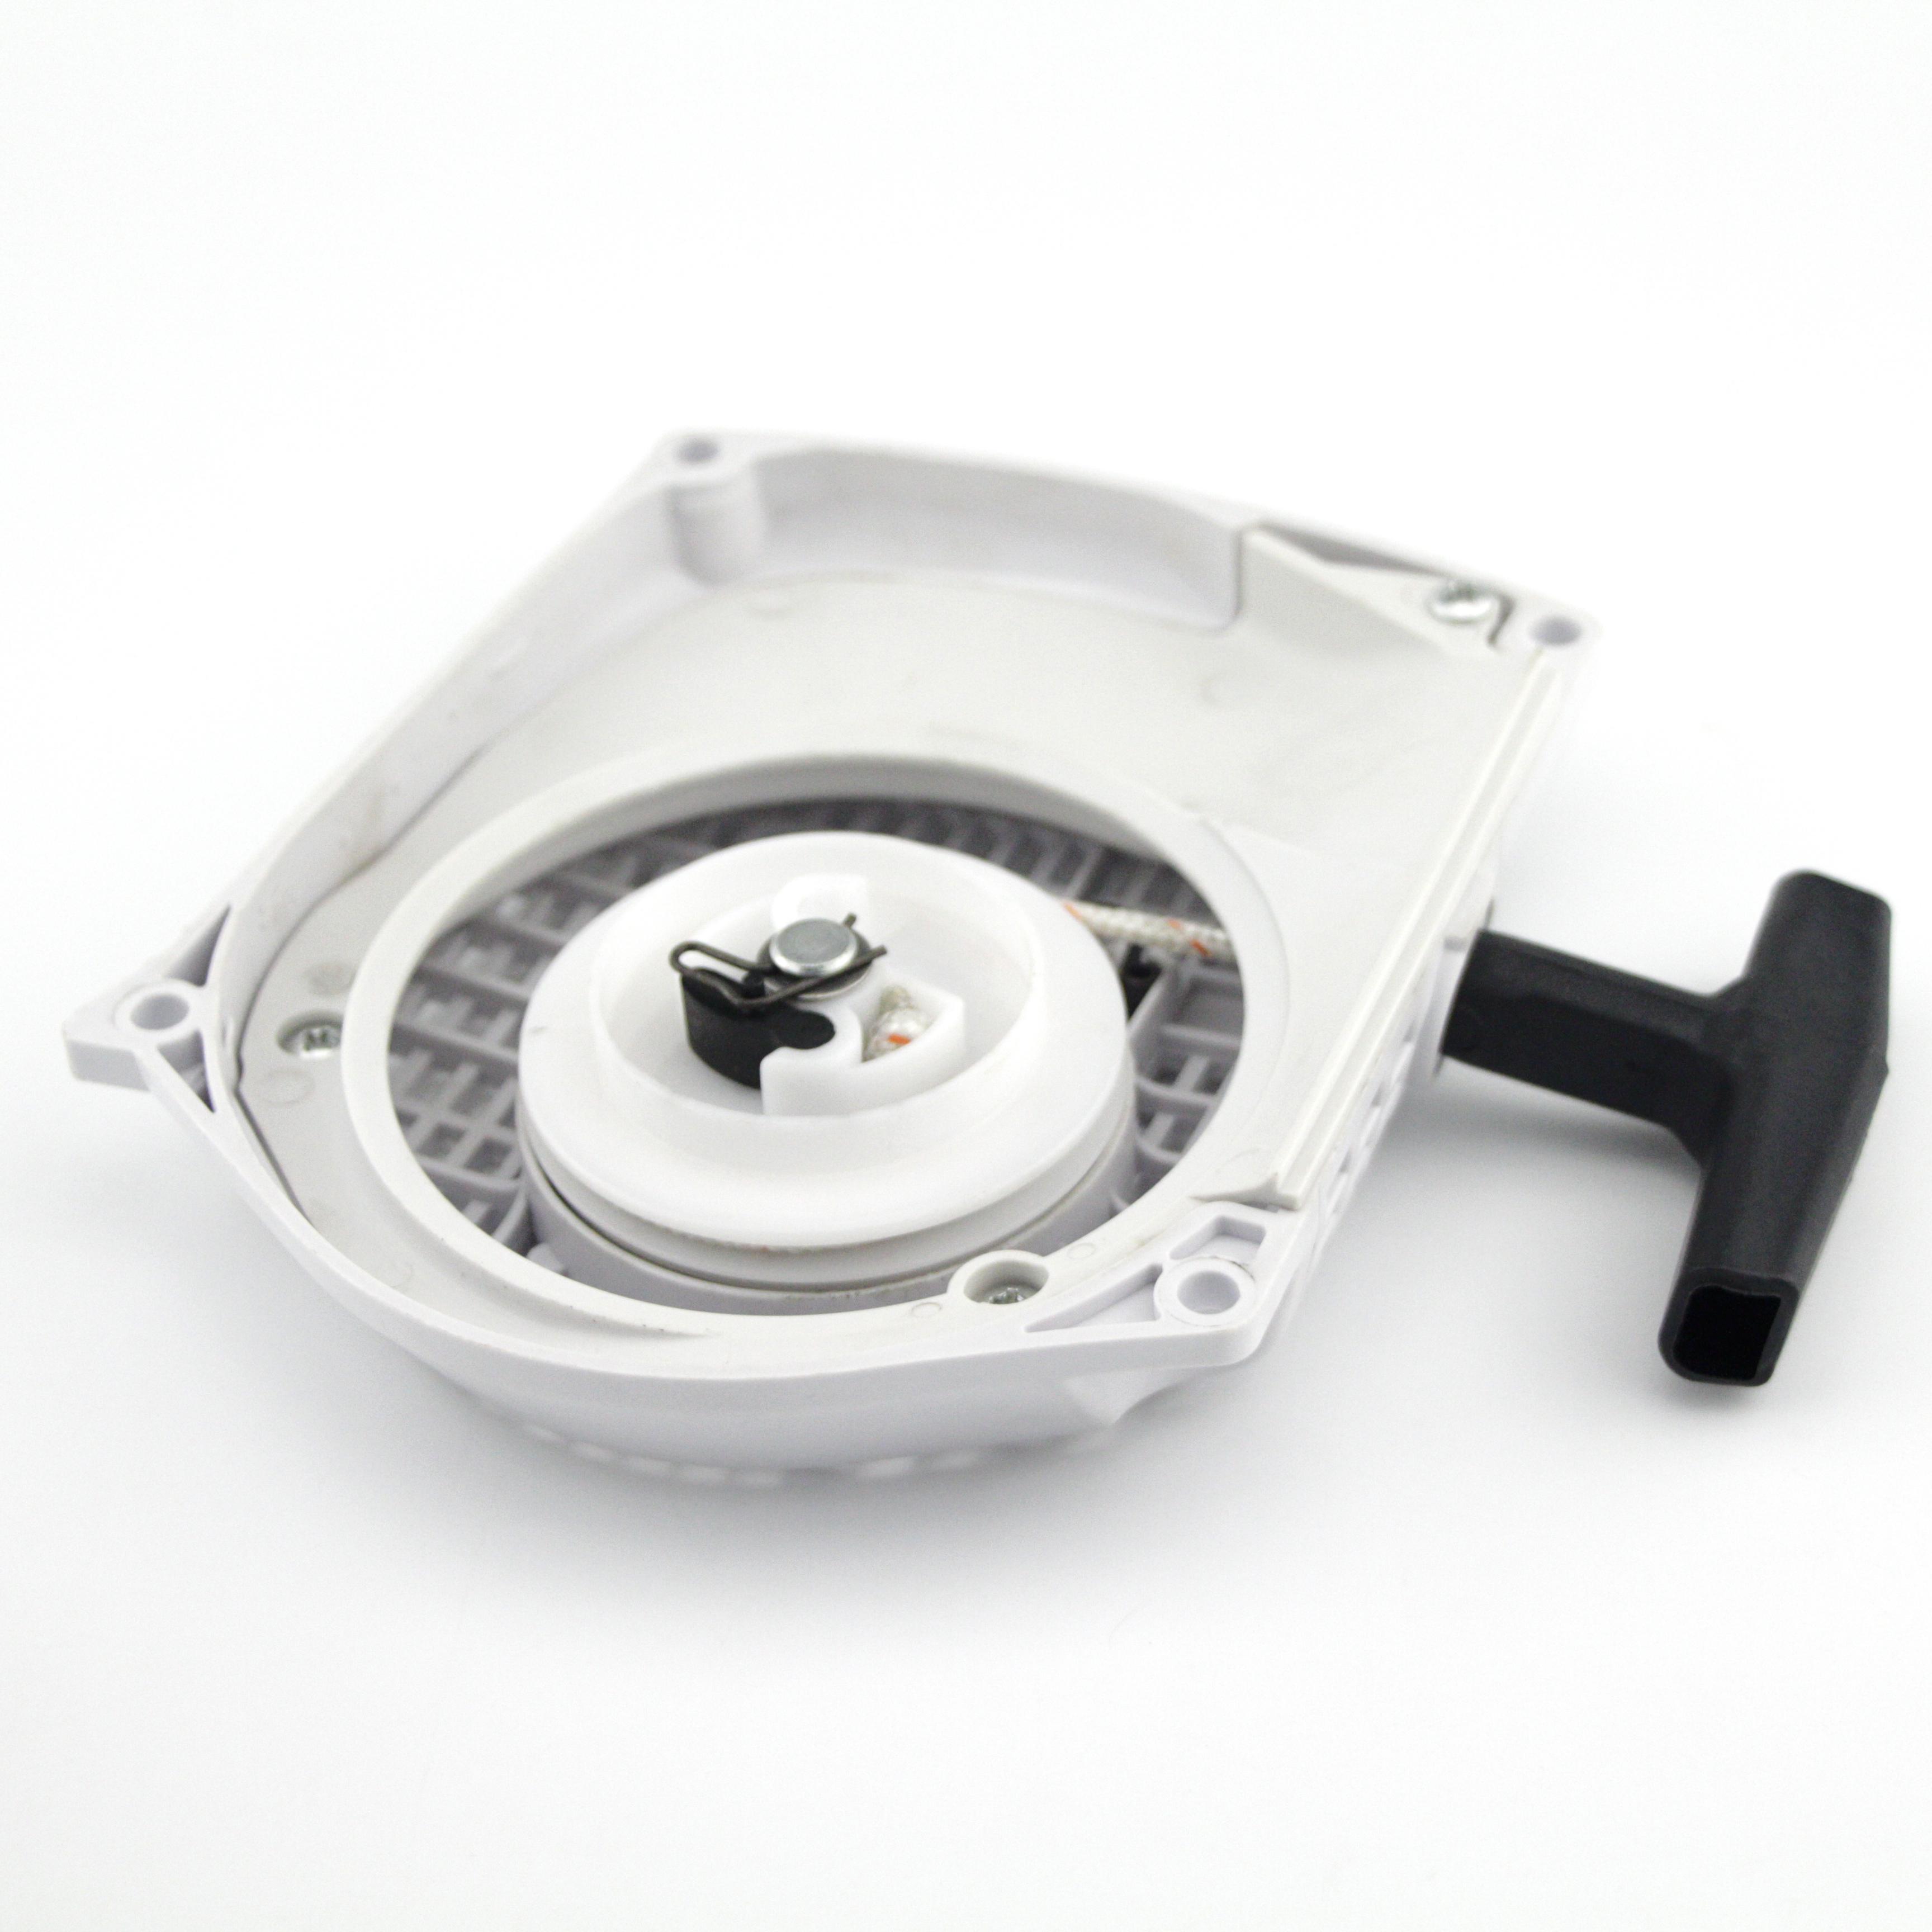 Stihl 028 028av Super Wb Chainsaw Recoil Starter Assembly 034 Av Parts Diagram On Carb Pull Rewind Start Cover Oem 1118 080 1805